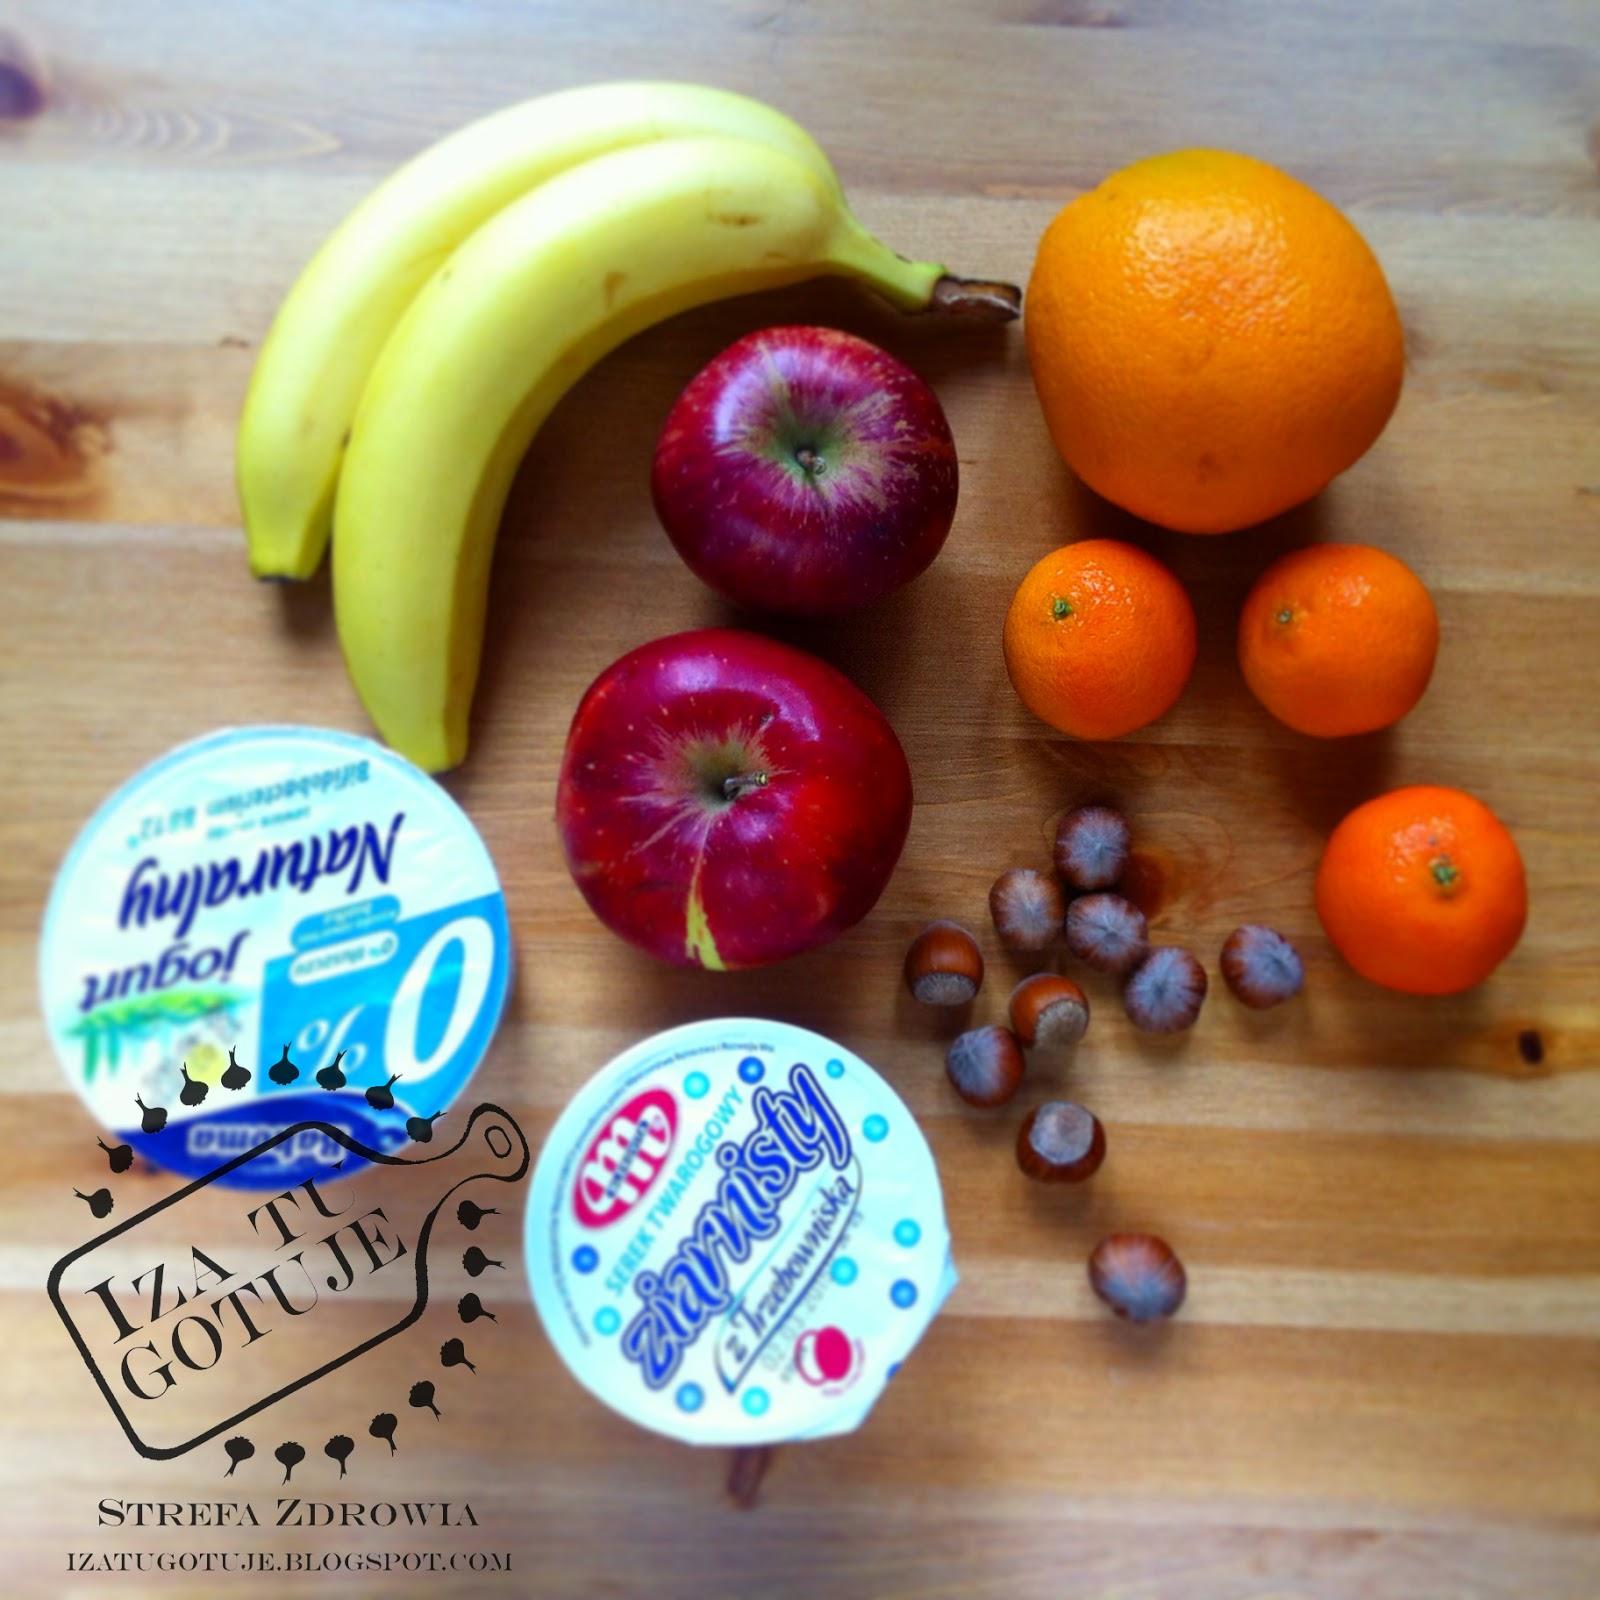 Iza Gotuje Blog Kulinarny O Gotowaniu Uwaga Darmowa Dieta